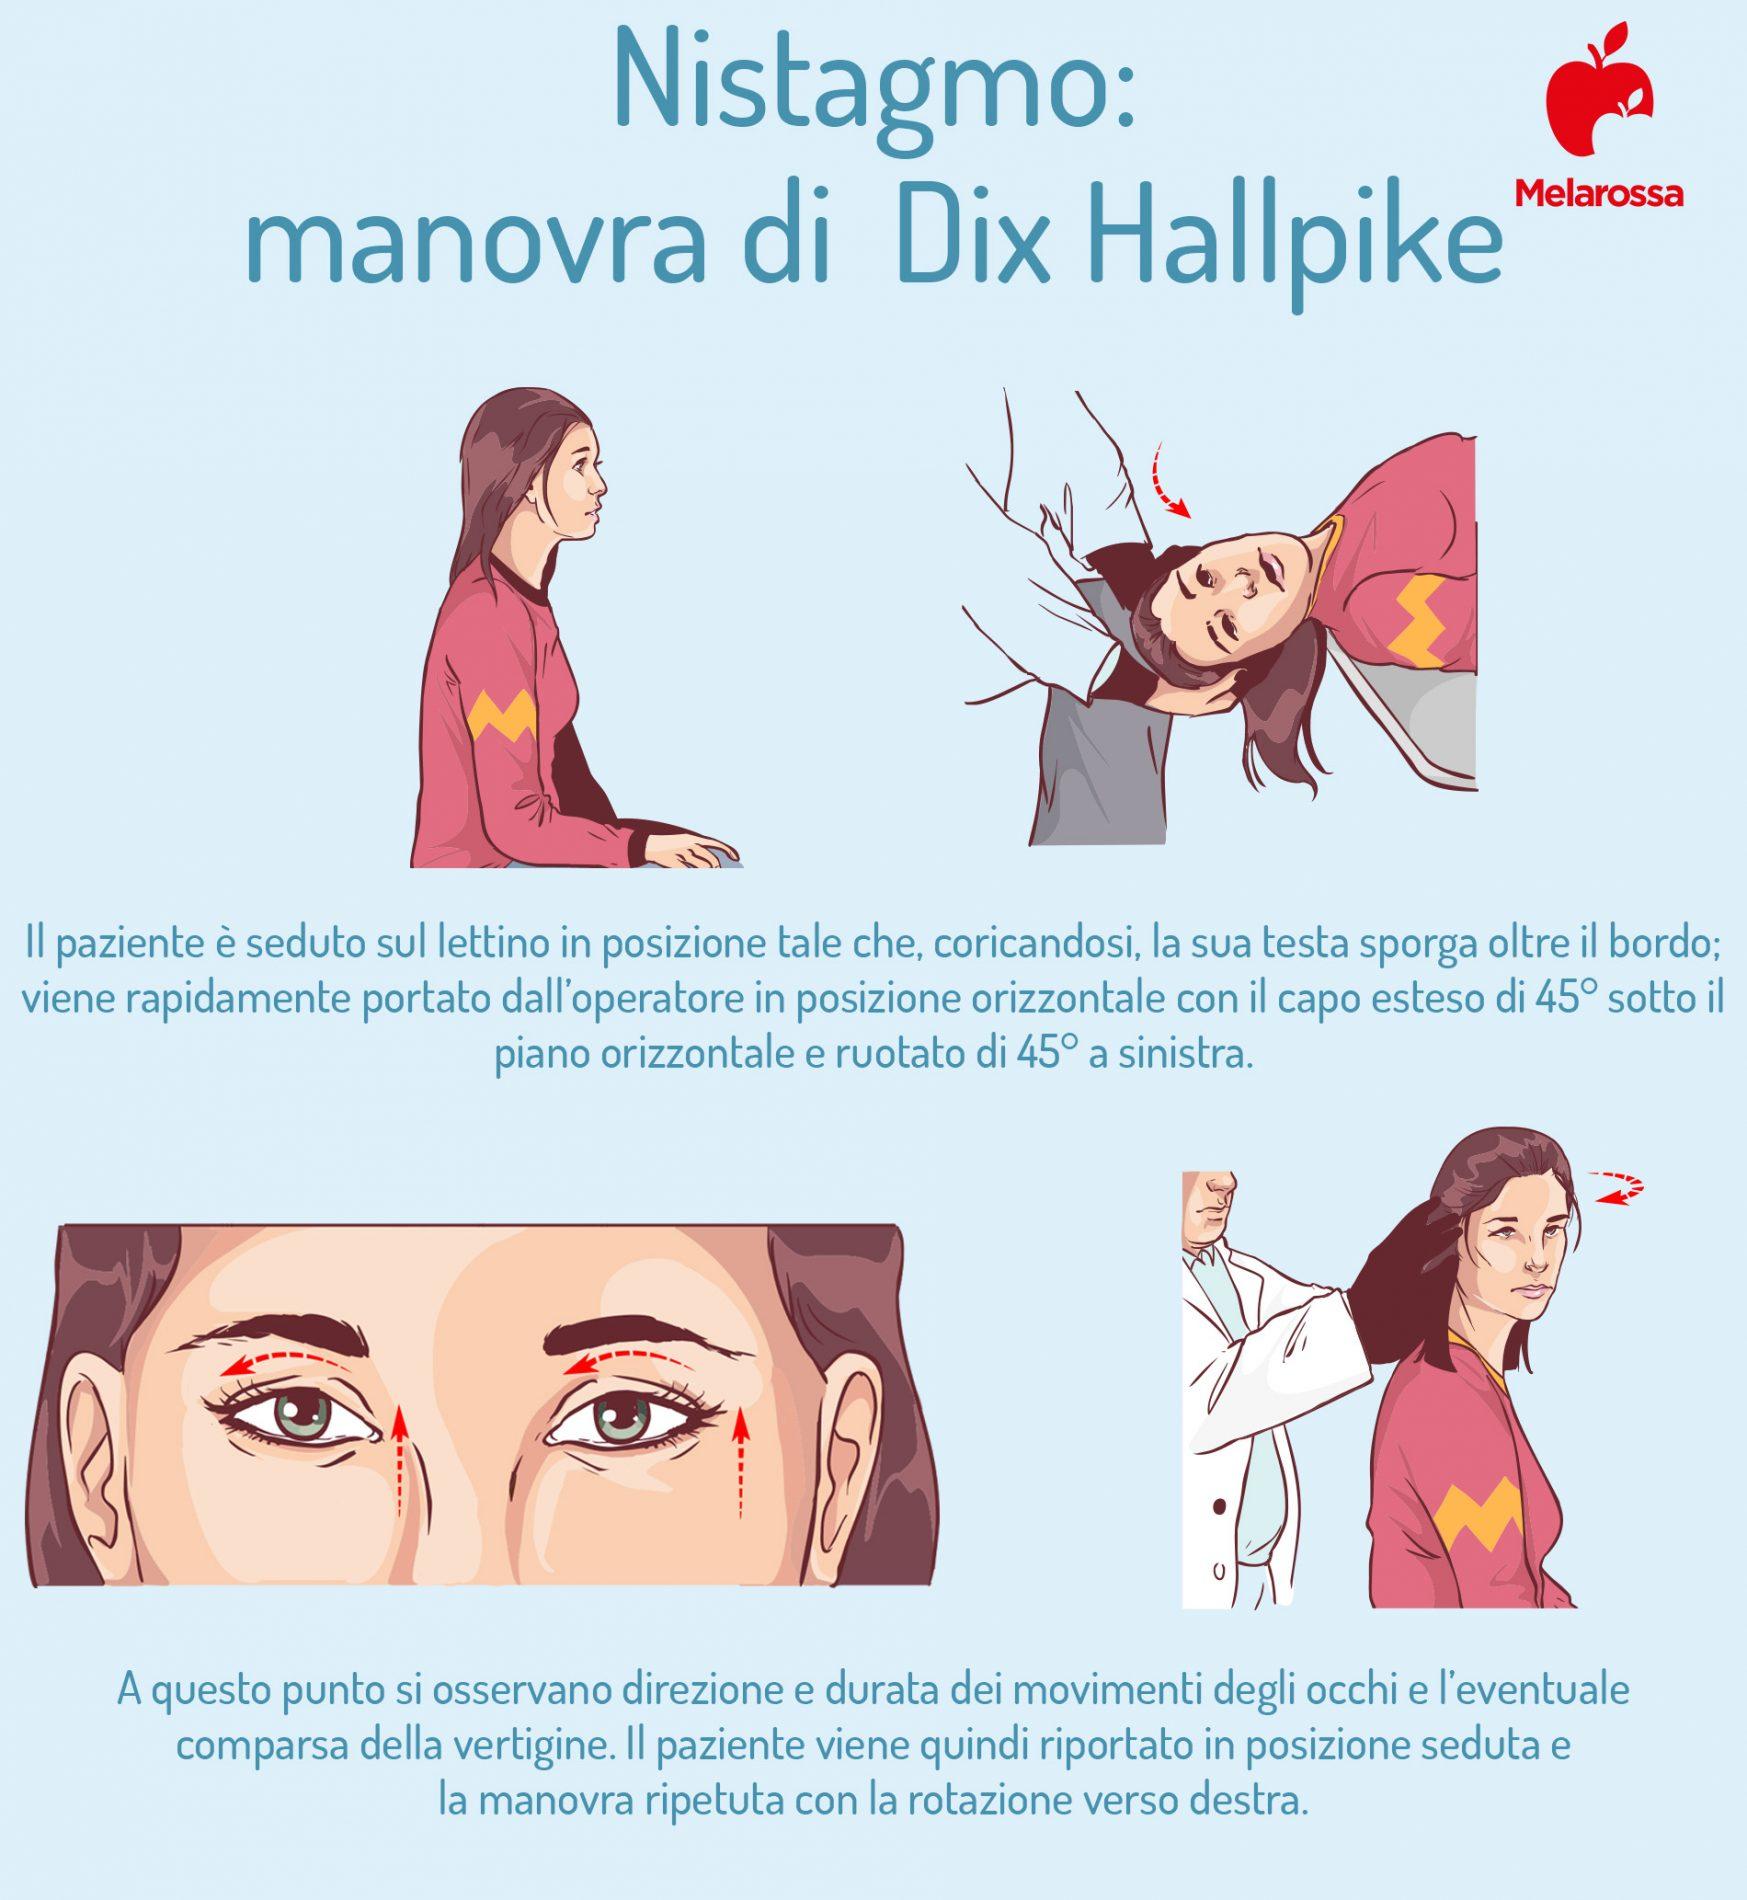 nistagmo: manovra di Dix Hallpike